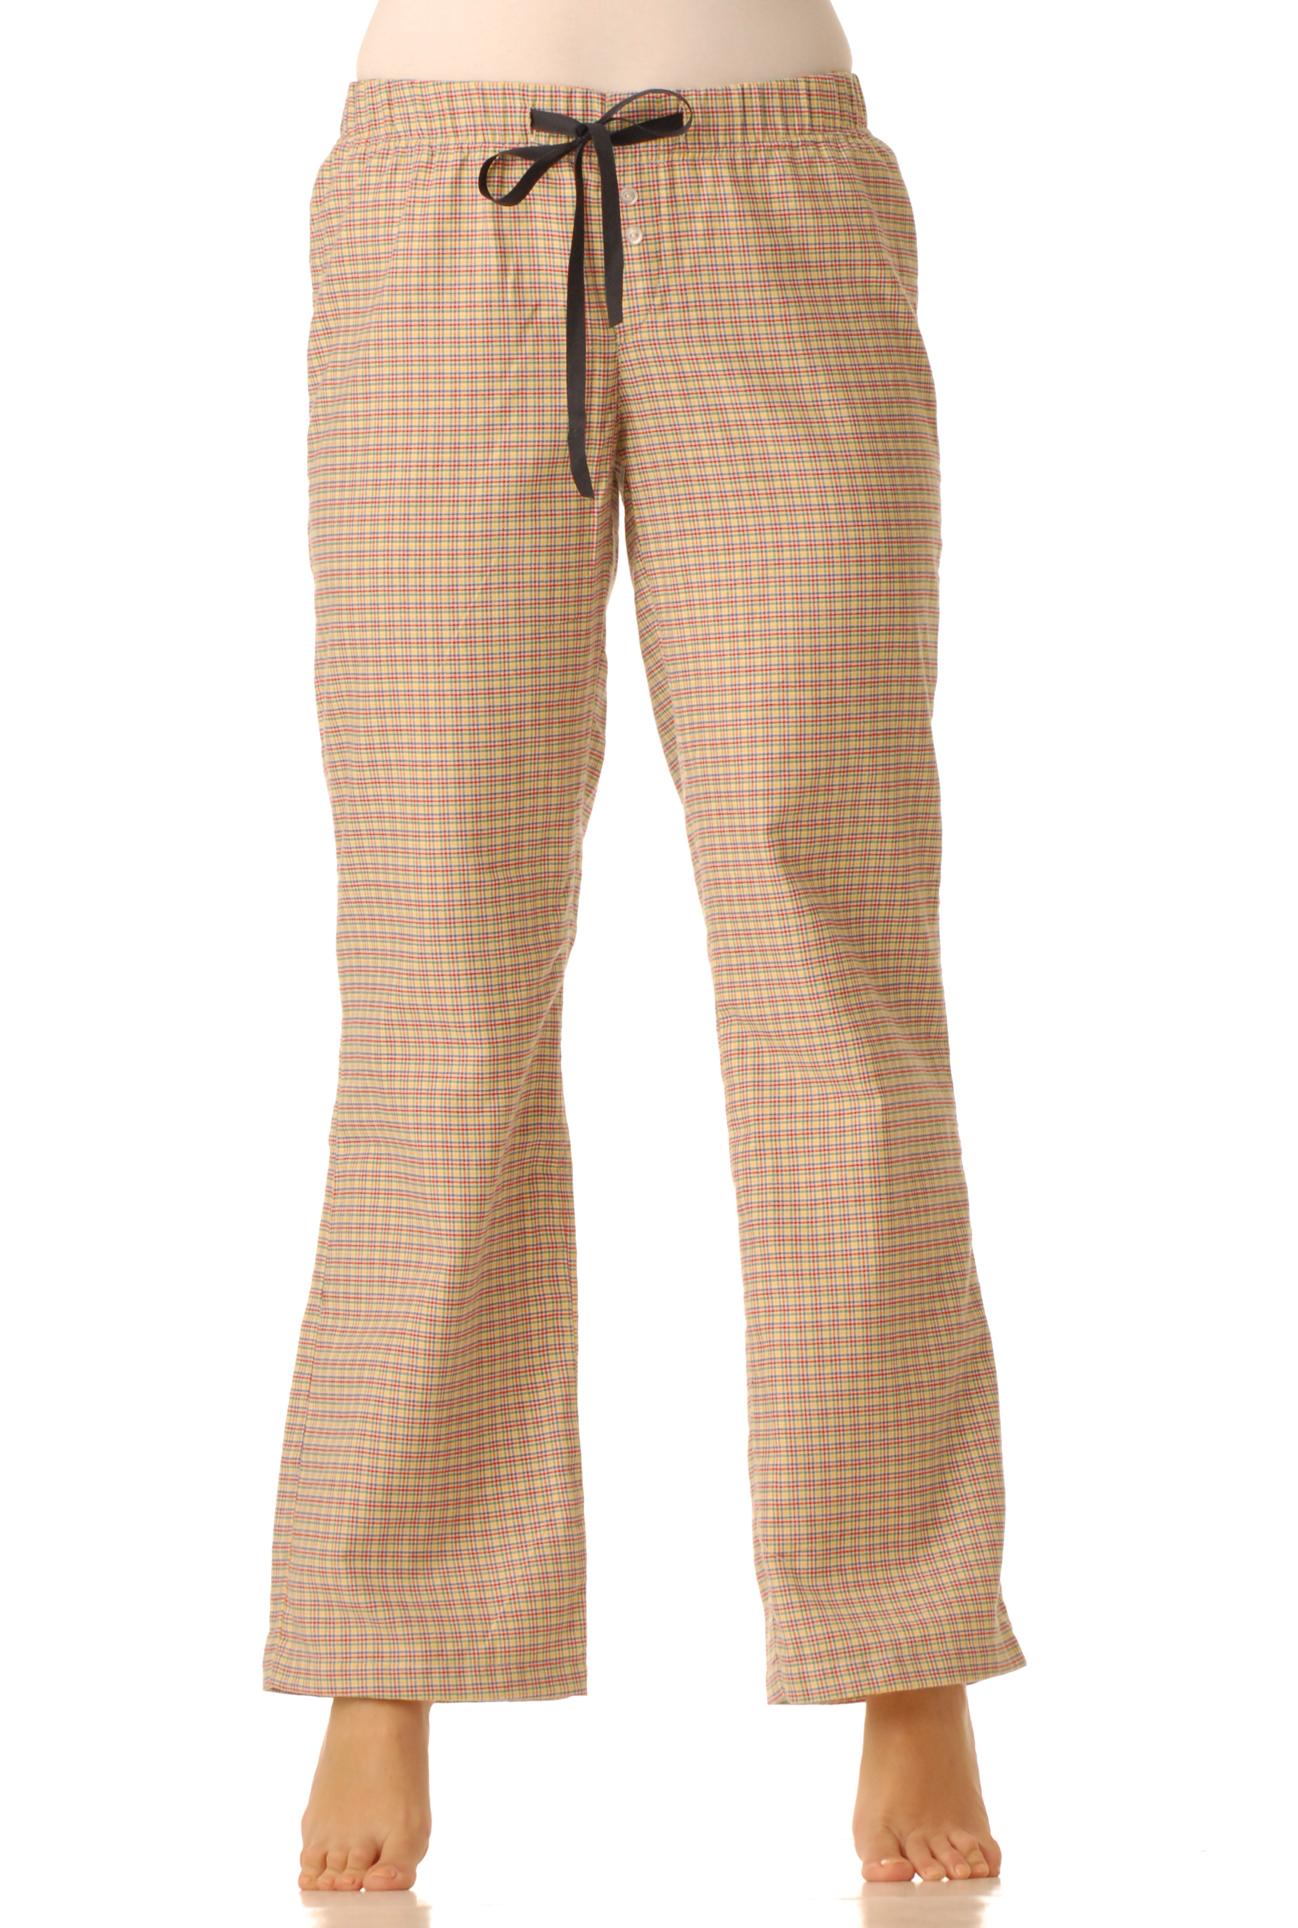 Flanelové pyžamové kalhoty - Barevná kostka